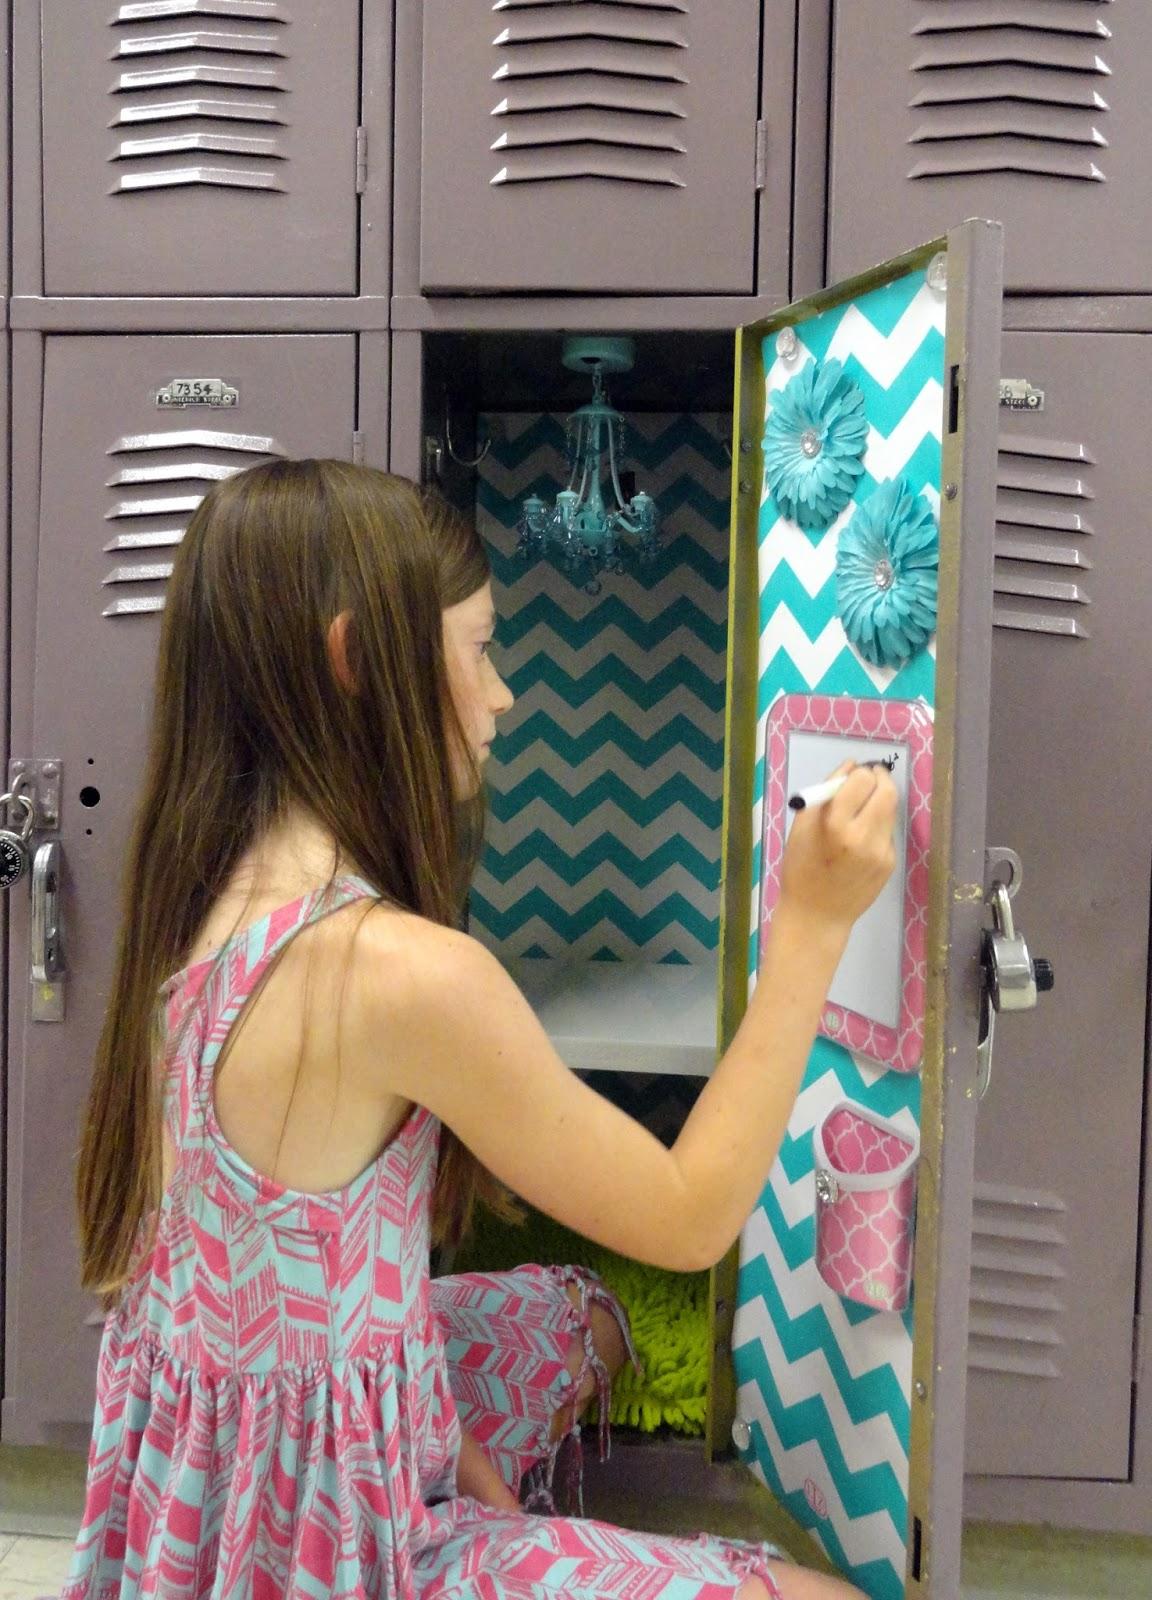 Cute Locker Wallpaper 5 Simple Steps To Decorating A Fabulous Locker With Locker